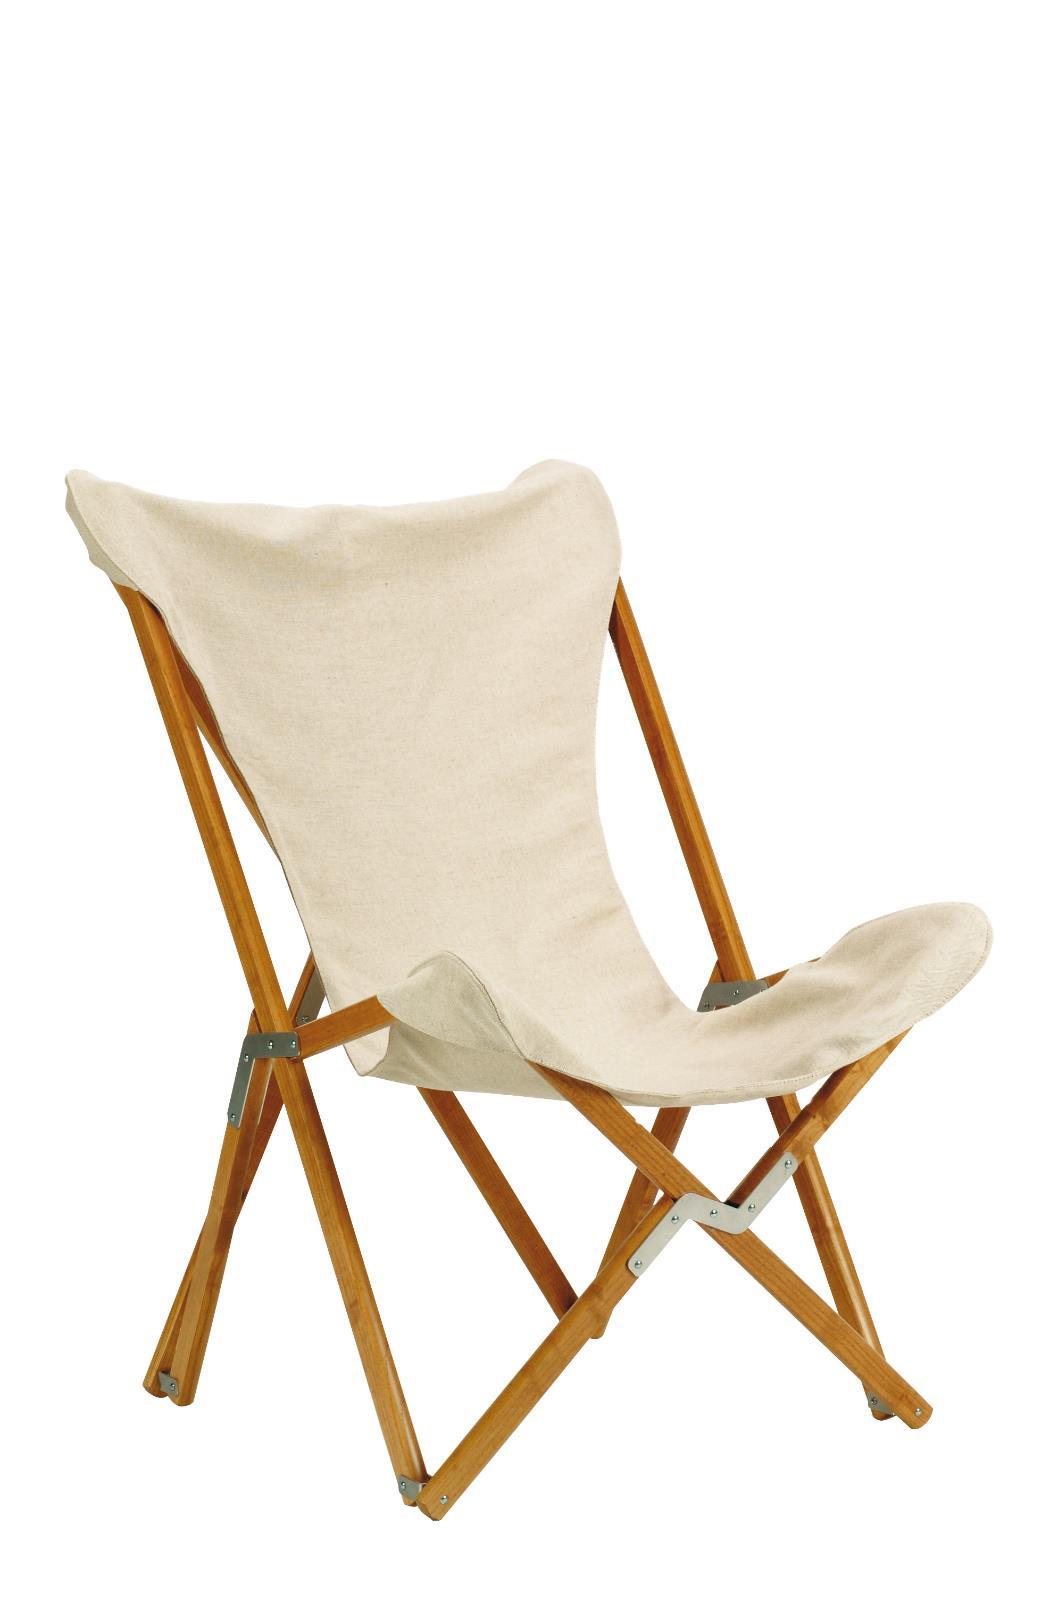 Sedia in legno pieghevole tripolina fratelli del fabbro srl for Sedia design srl